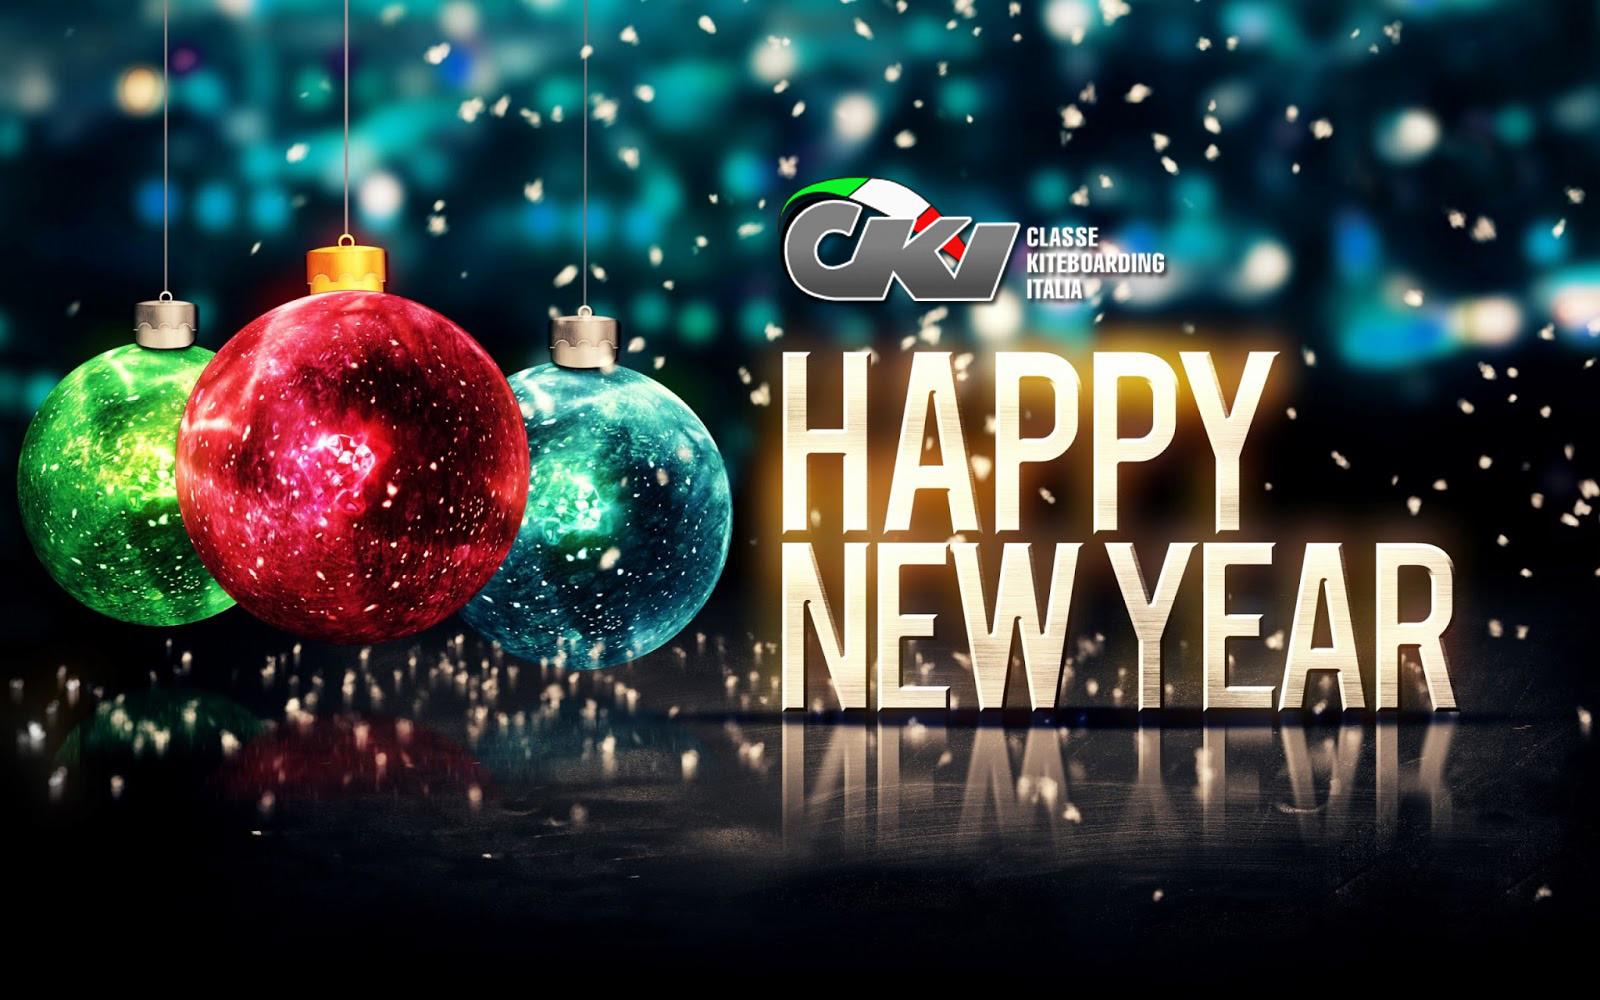 Happy New Year #Cki2018